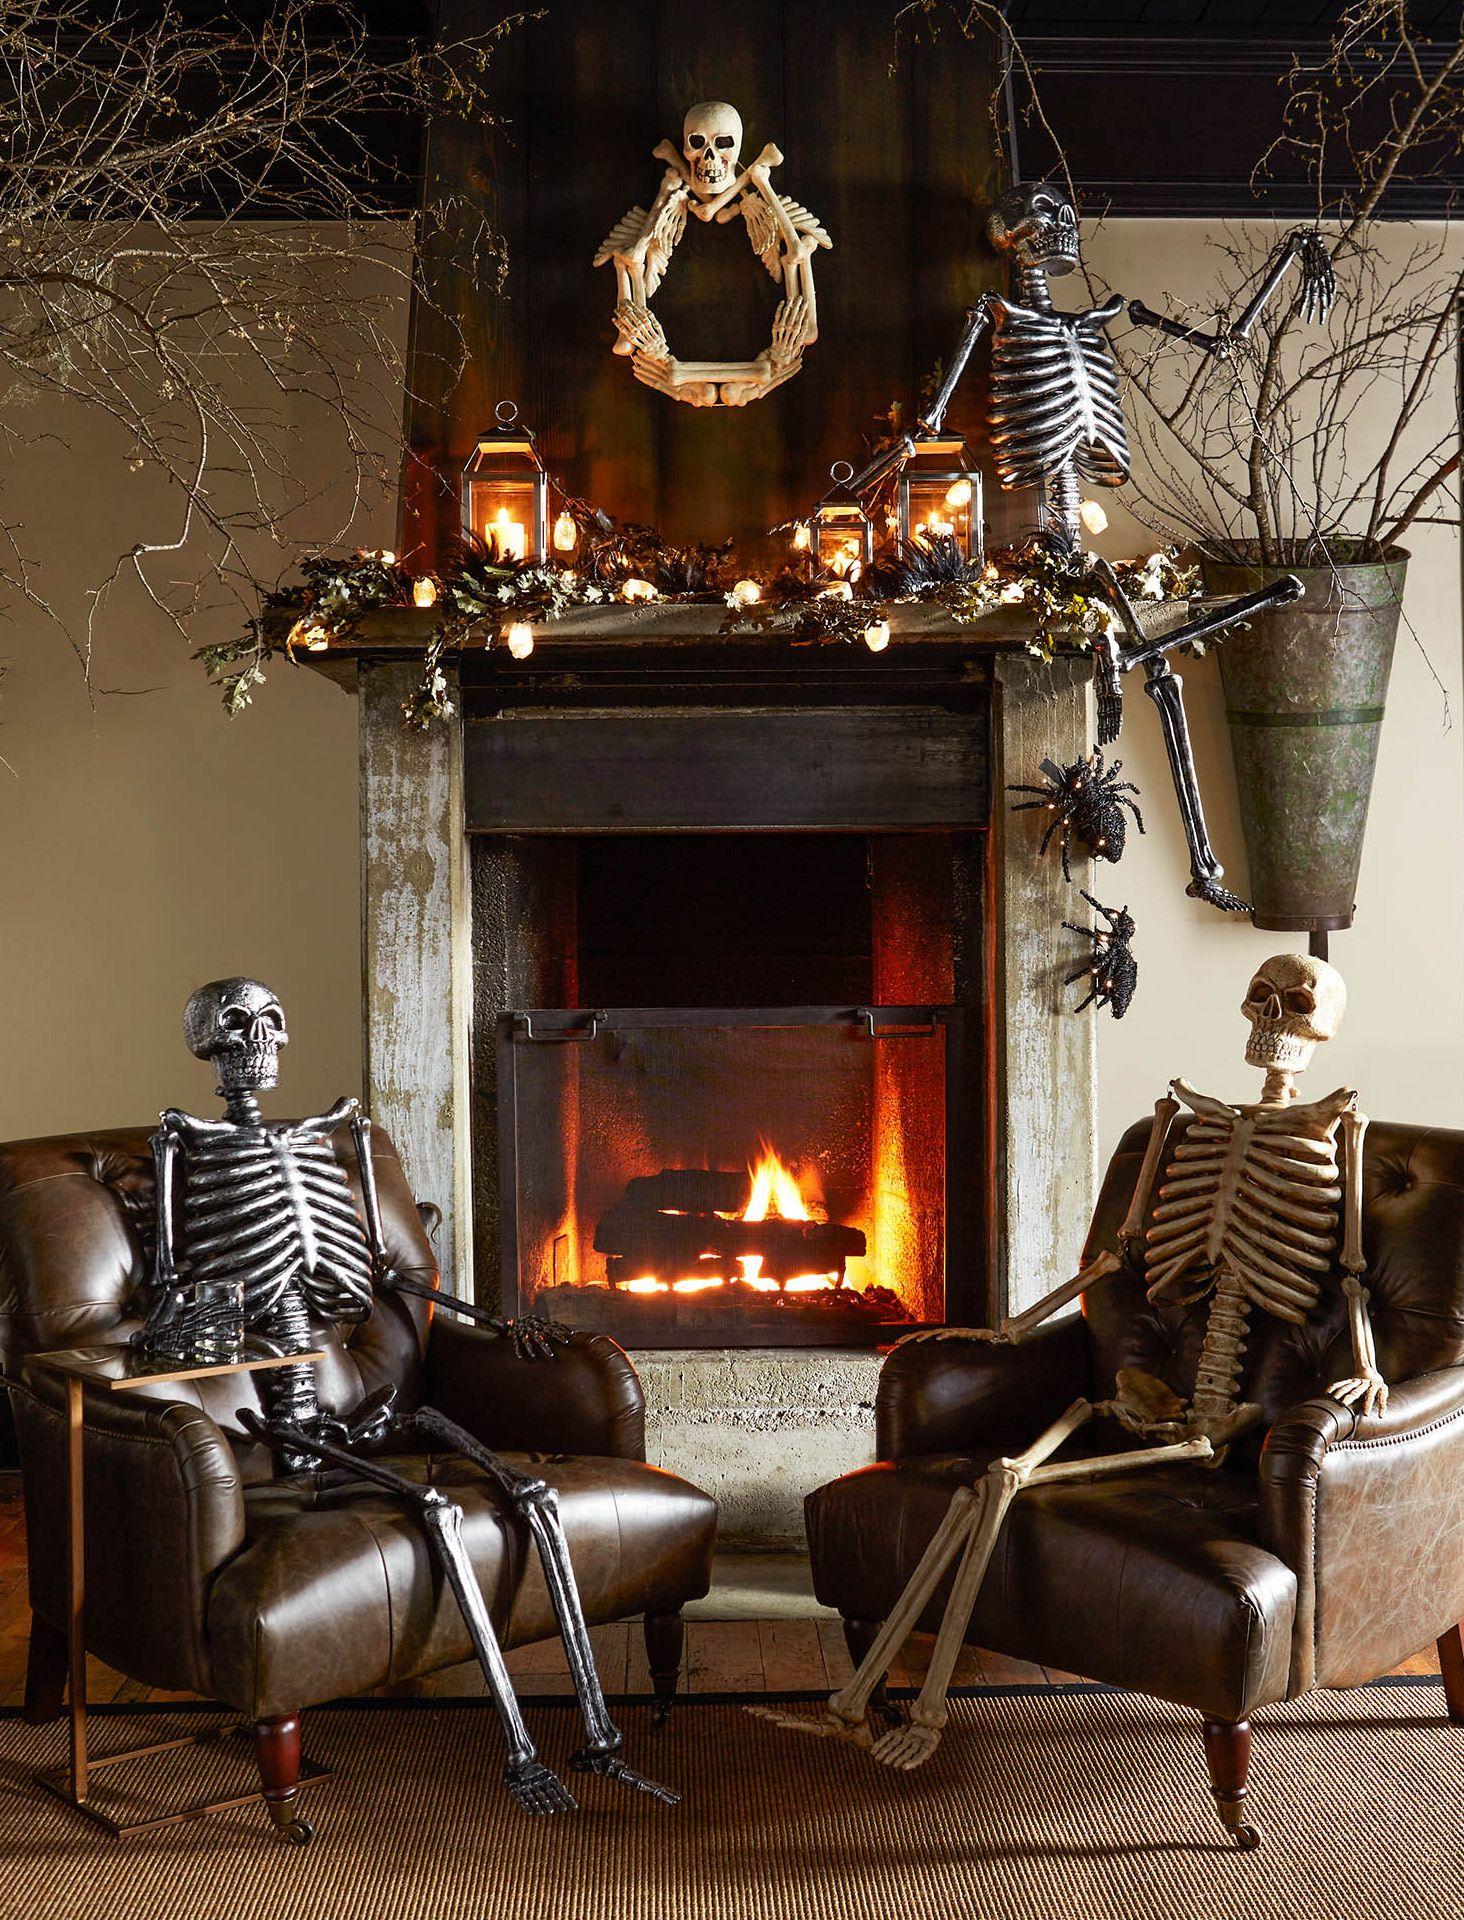 Outdoor Mr. Bones Natural Halloween house, Halloween